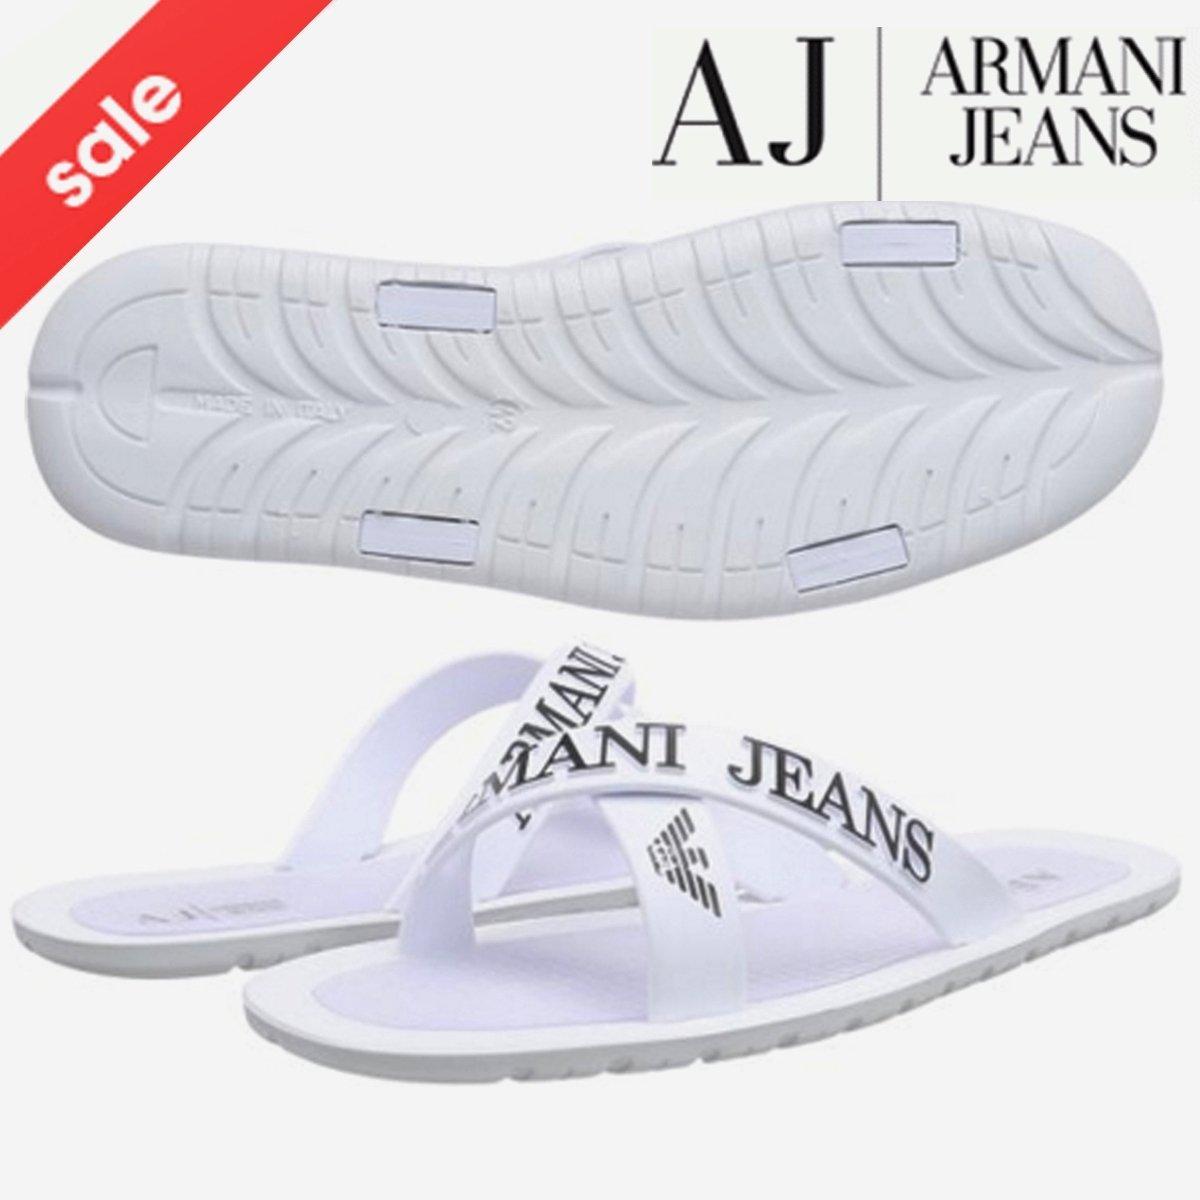 b48a2a4e1 BNWT EA7 Emporio Armani Flip Flops Open Toes Eagle Logo Mules Slippers  Sandals Beach Shoes (UK8 EU41)  Amazon.co.uk  Shoes   Bags